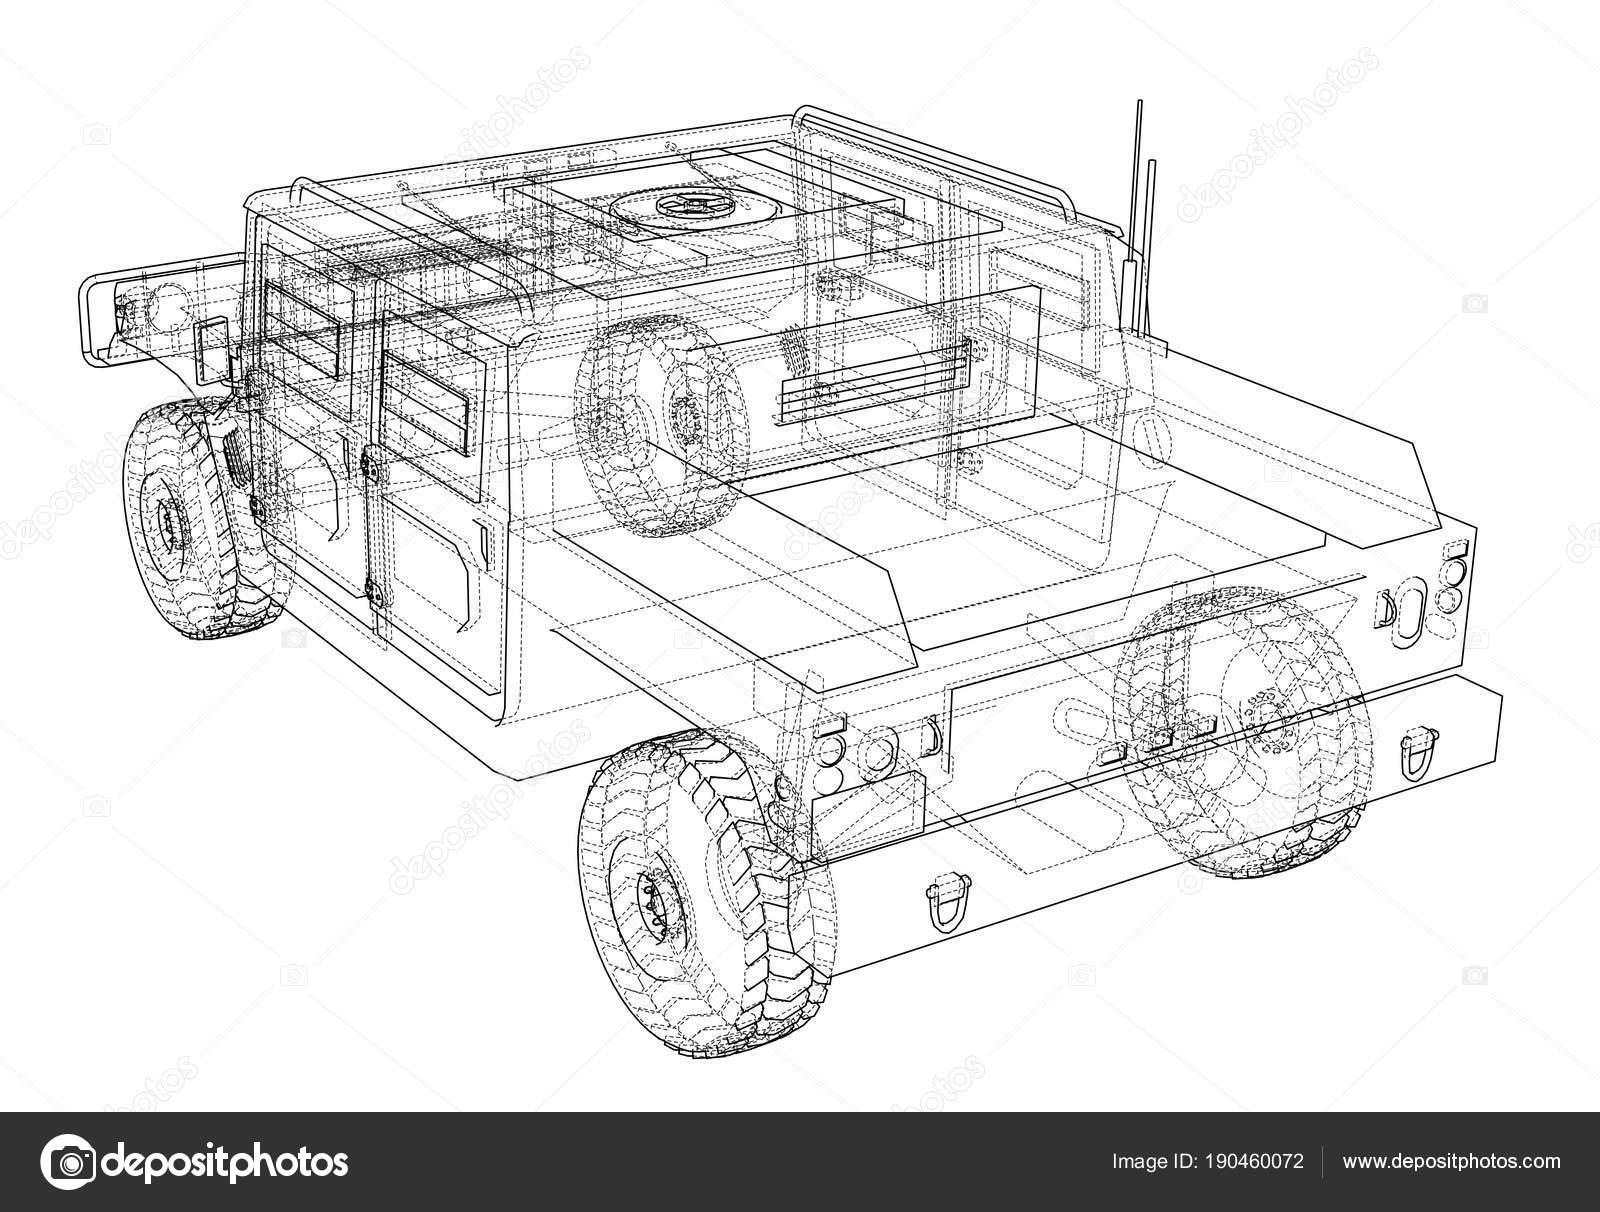 Auto Bauplan zu bekämpfen — Stockfoto © cherezoff #190460072